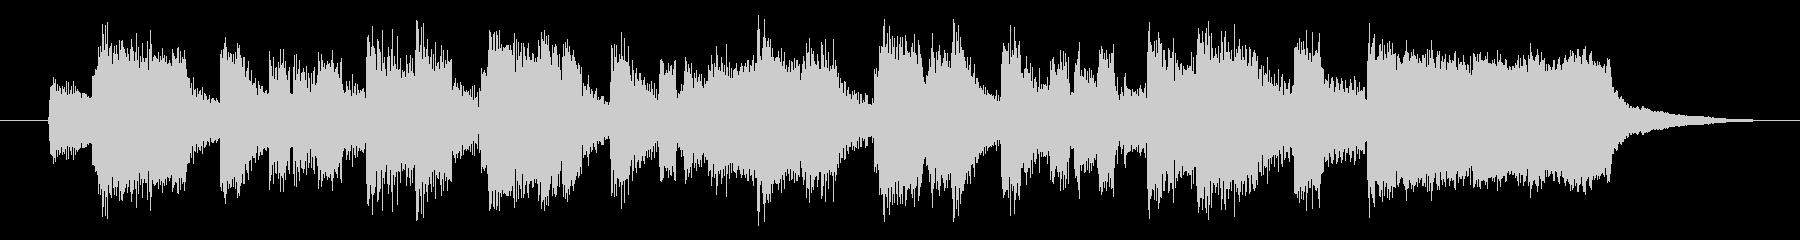 オルガンとピアノによるオシャレなジングルの未再生の波形